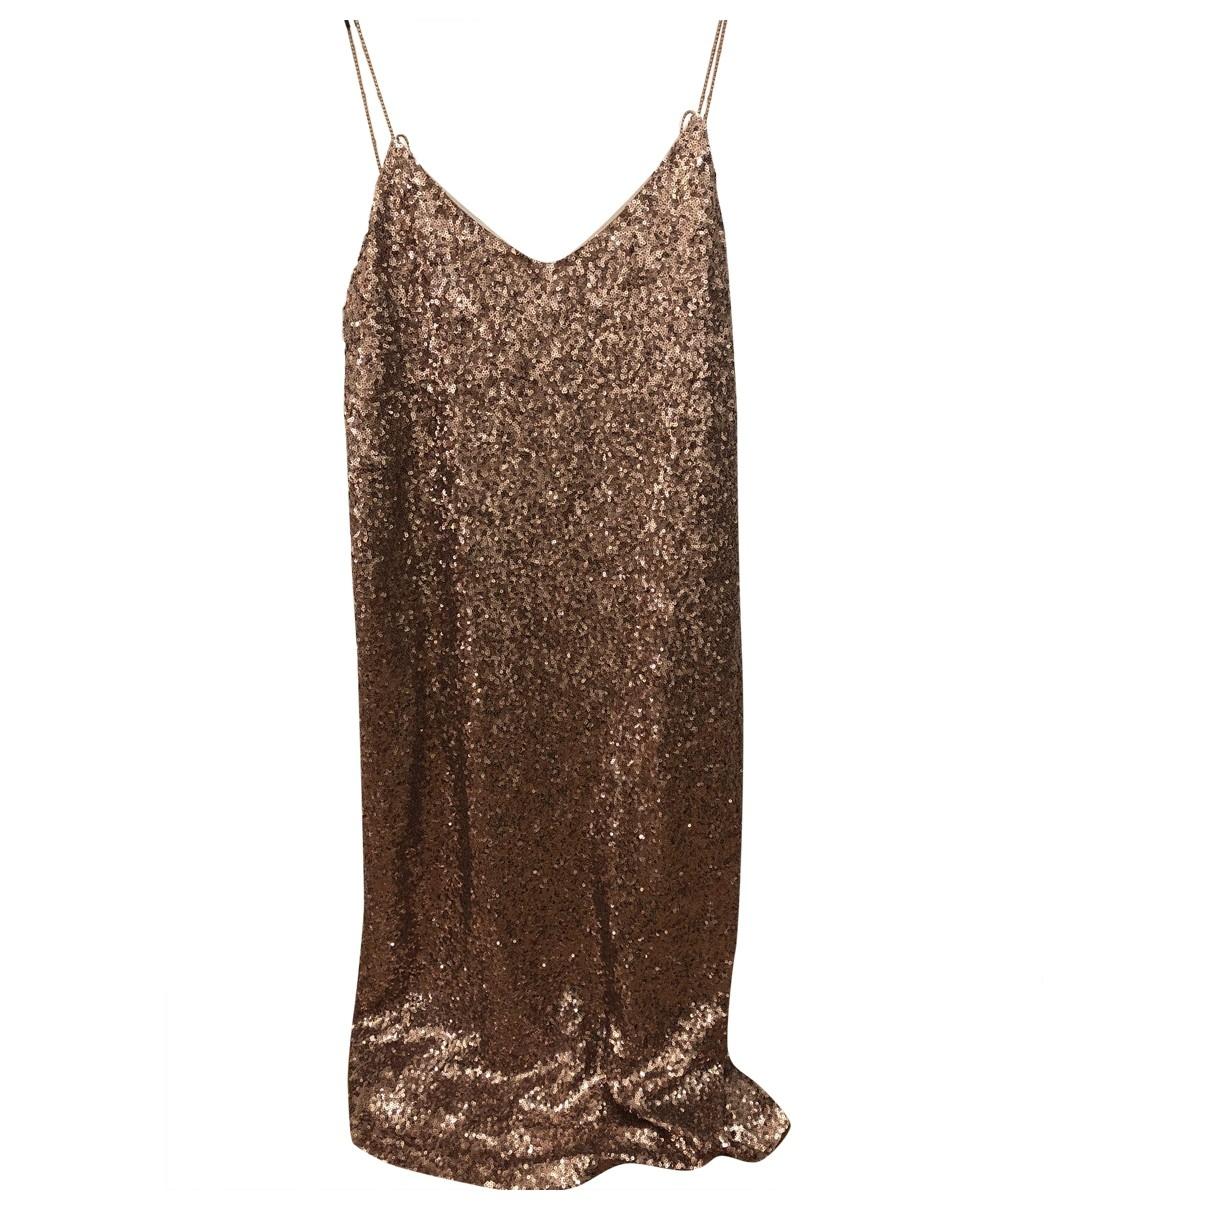 Zara \N Glitter dress for Women S International